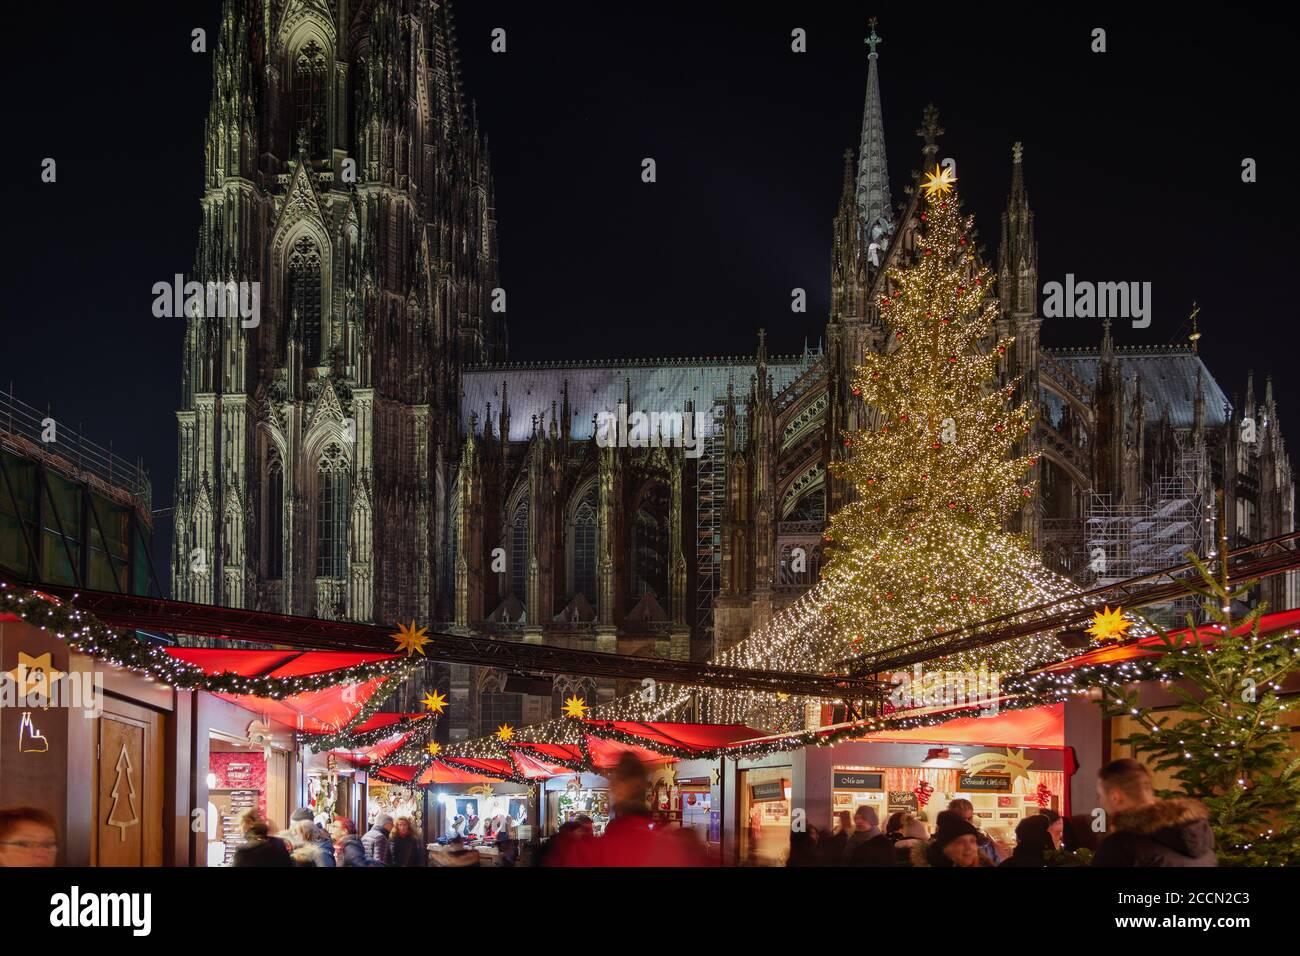 Paisaje nocturno, Weihnachtsmarkt, mercado de Navidad en Colonia, con varios puestos iluminados decorados frente al árbol de Navidad y la Catedral de Colonia. Foto de stock